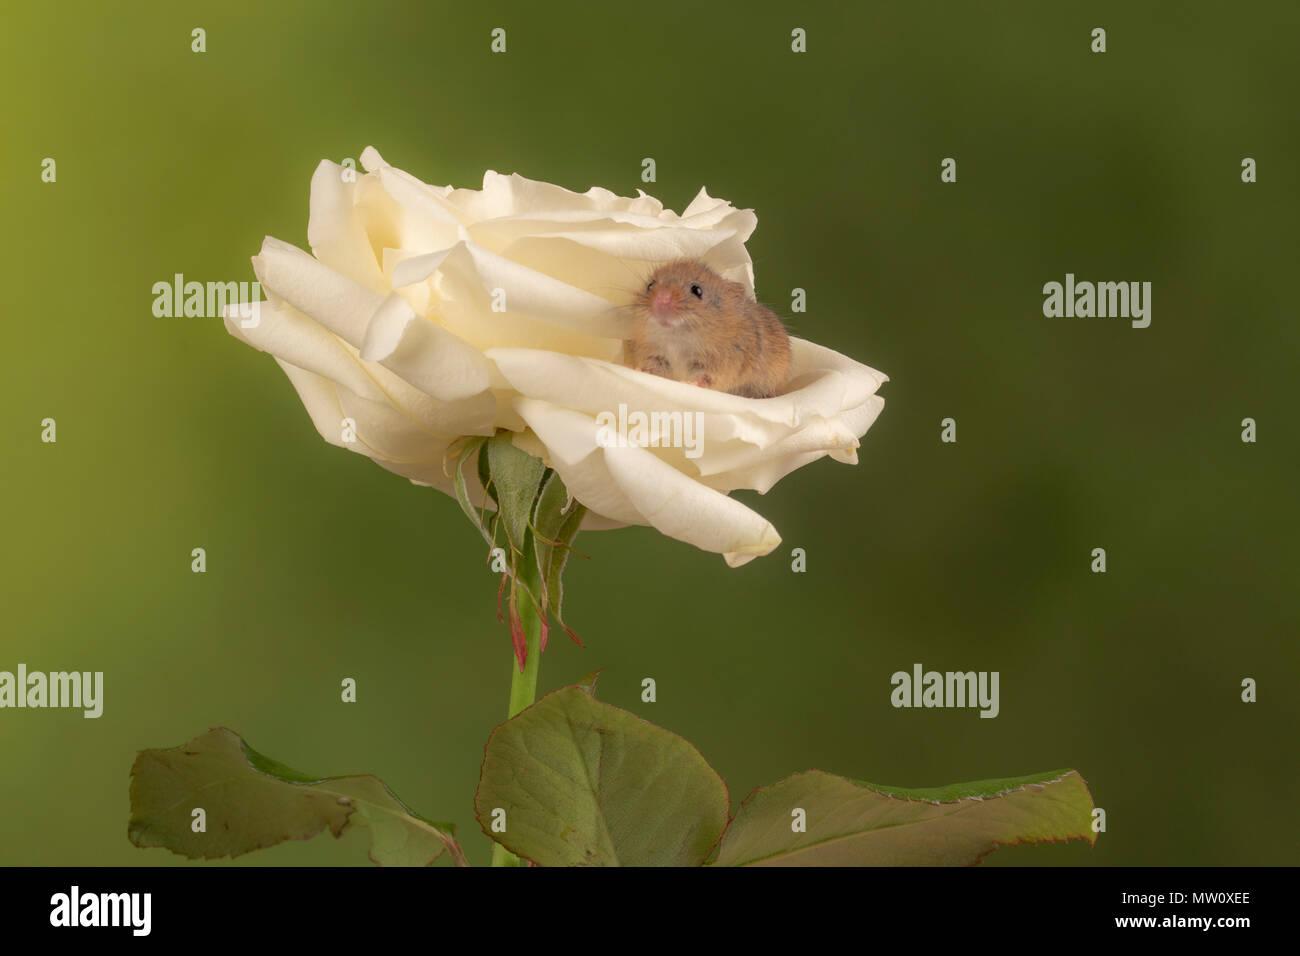 Havest Maus auf eine weiße Rose in einem Studio Hintergrund Stockfoto